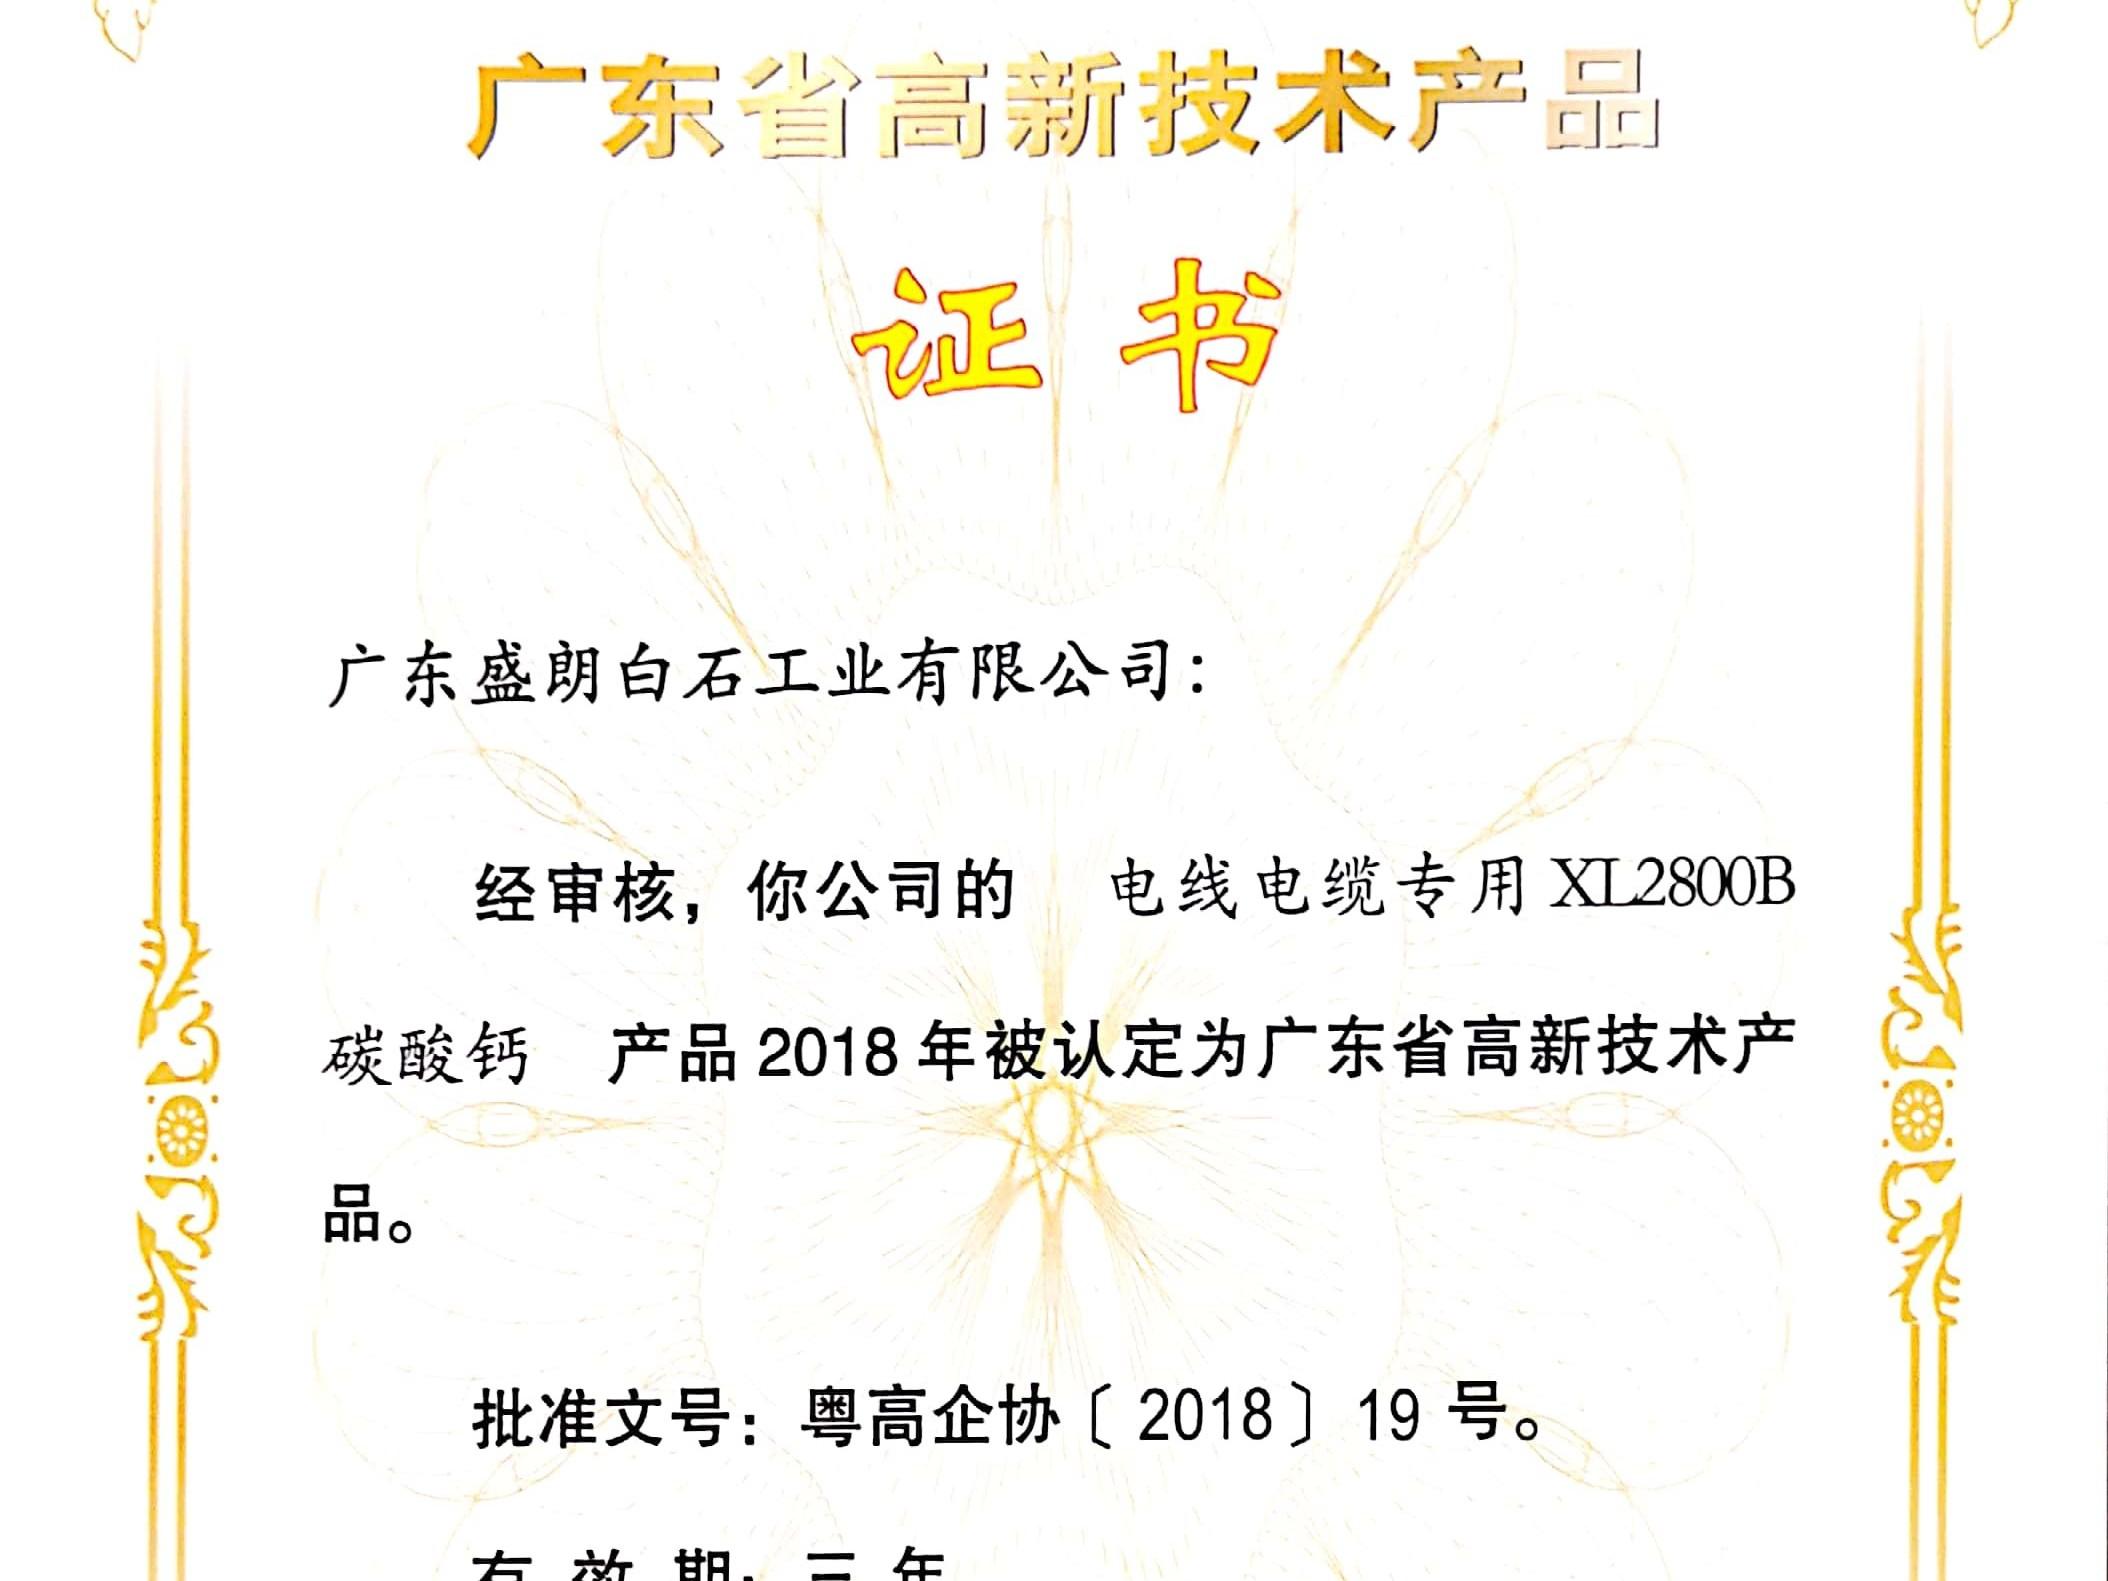 盛朗白石-XL2800B高新技术证书_